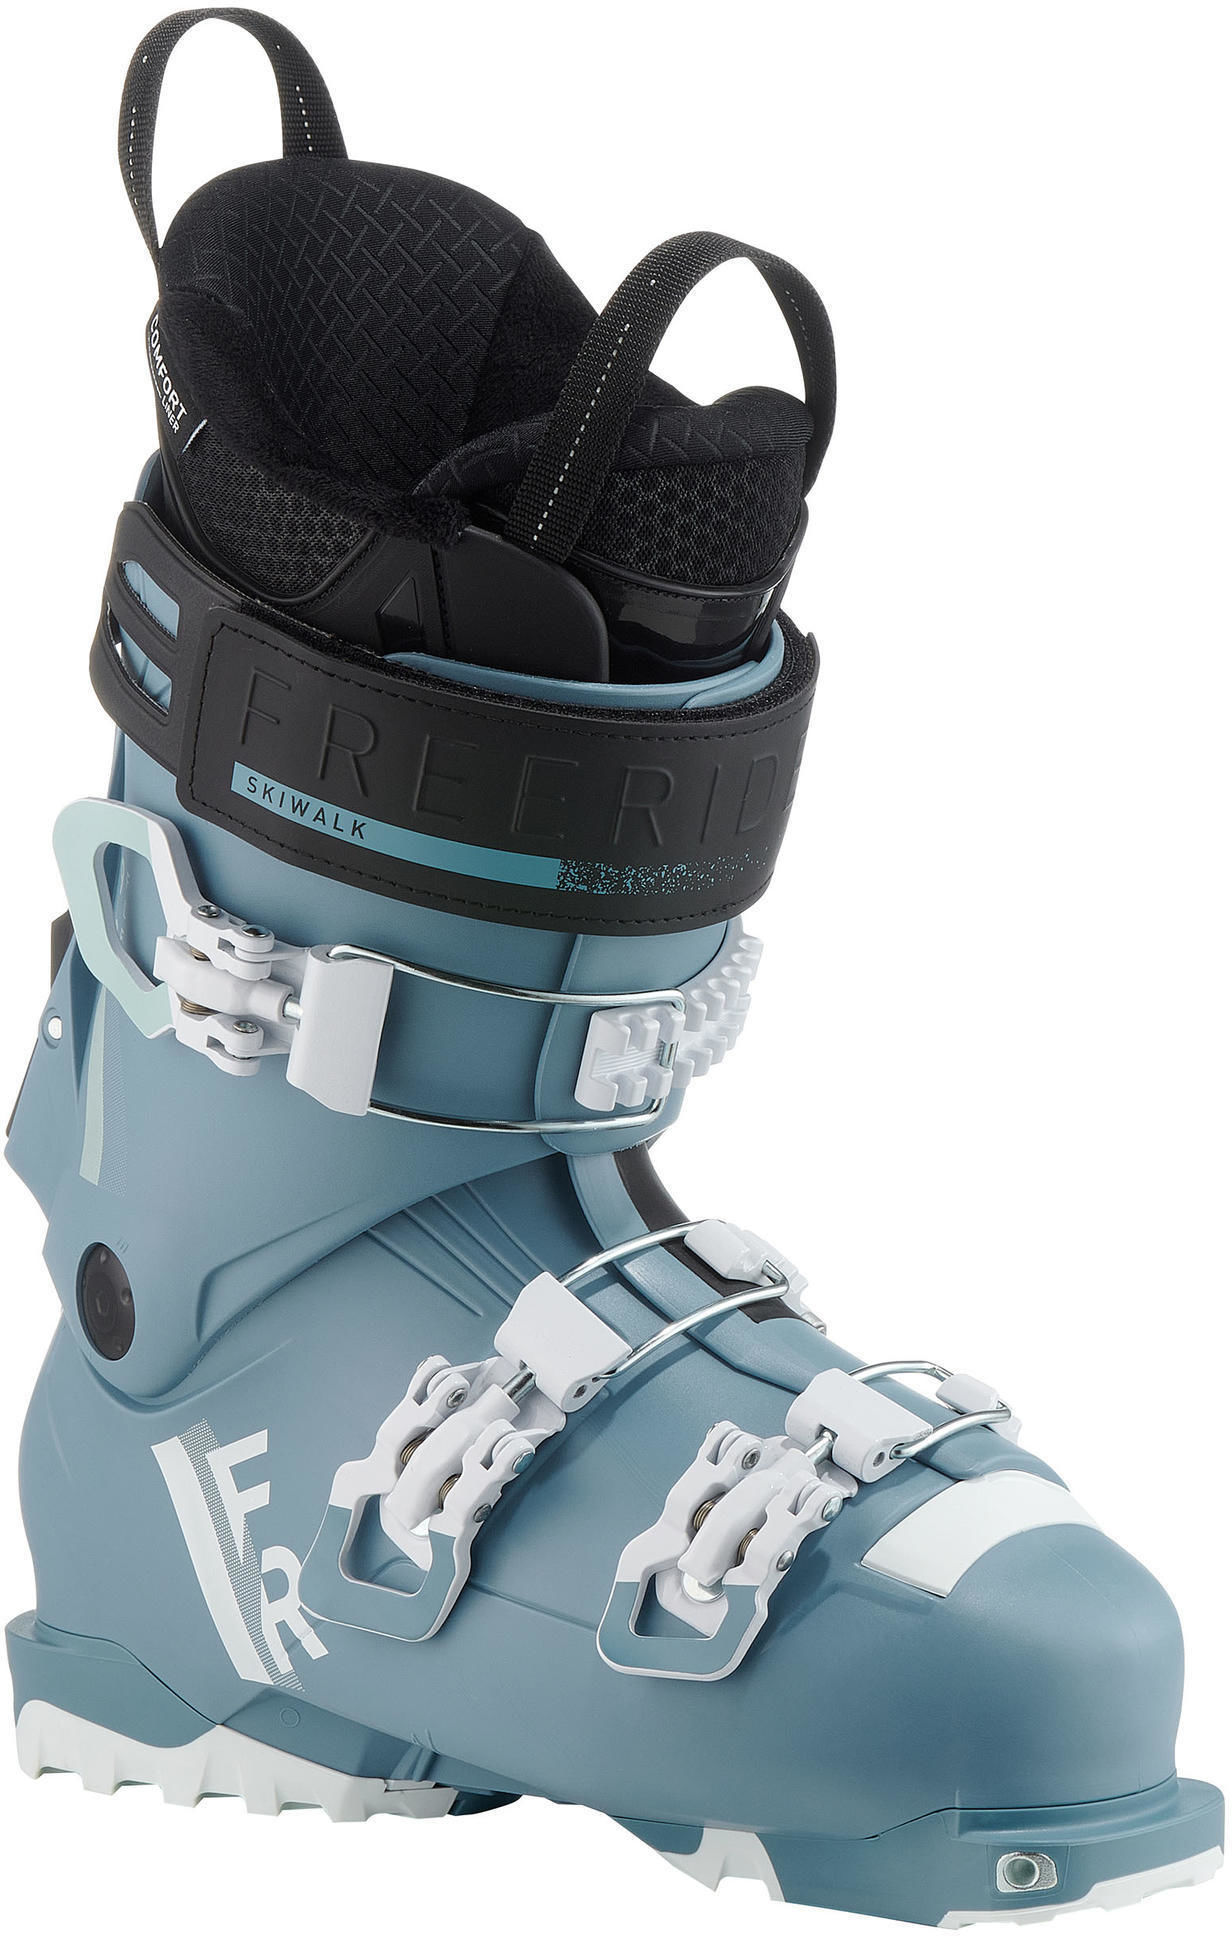 Buty narciarskie damskie Wedze FR500 LT flex 90